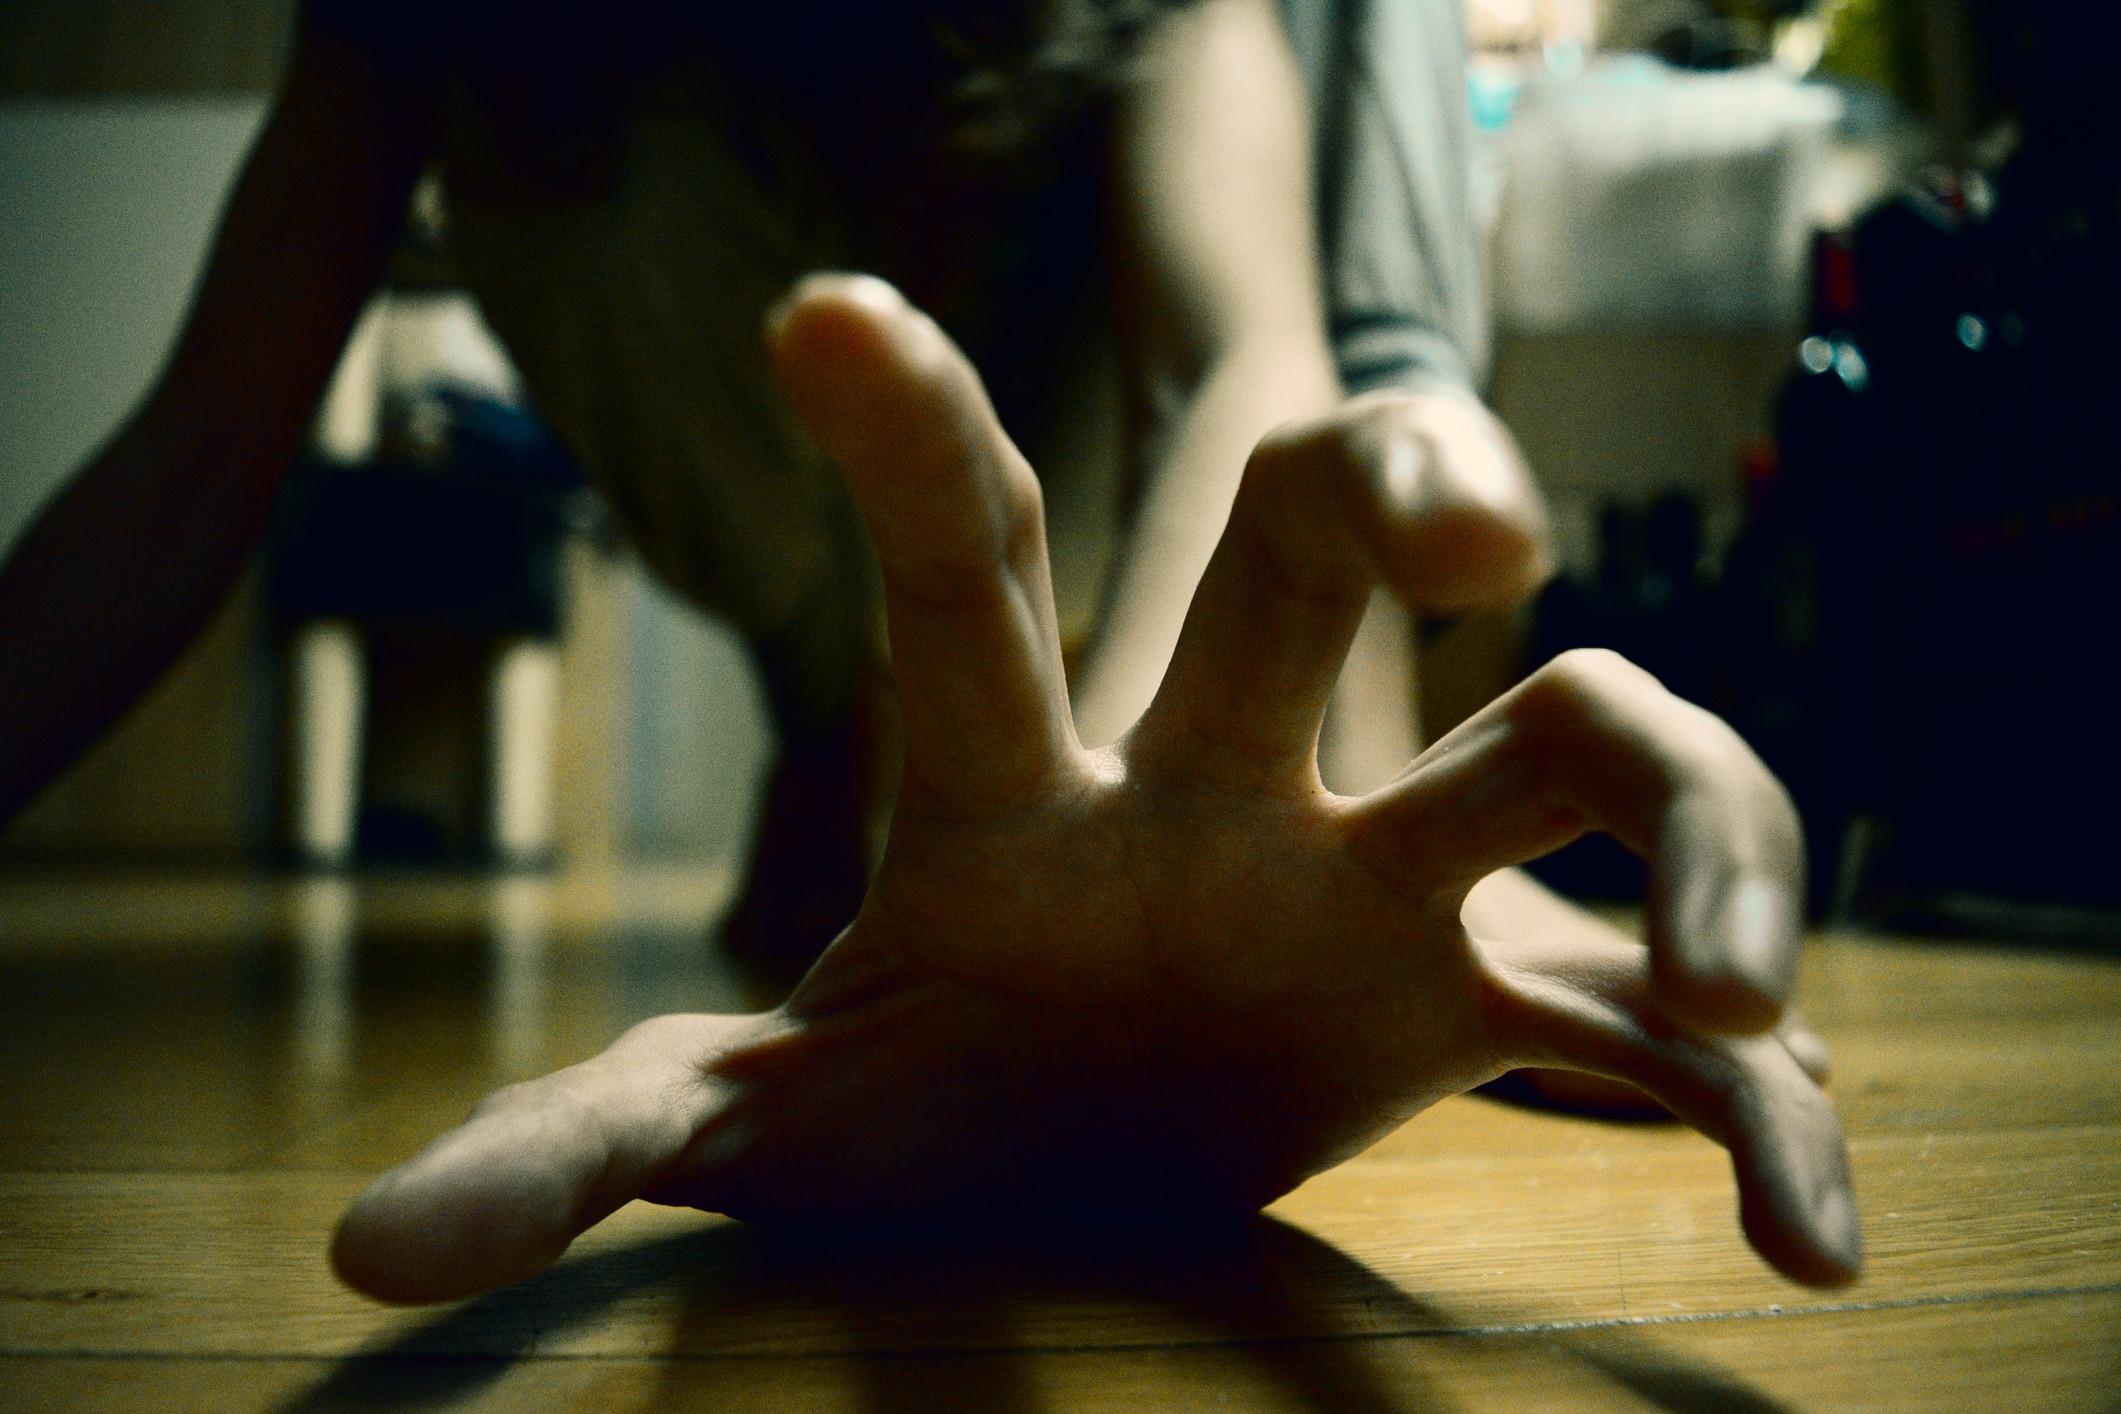 Mais dois detidos por violência doméstica. Um ficou em prisão preventiva